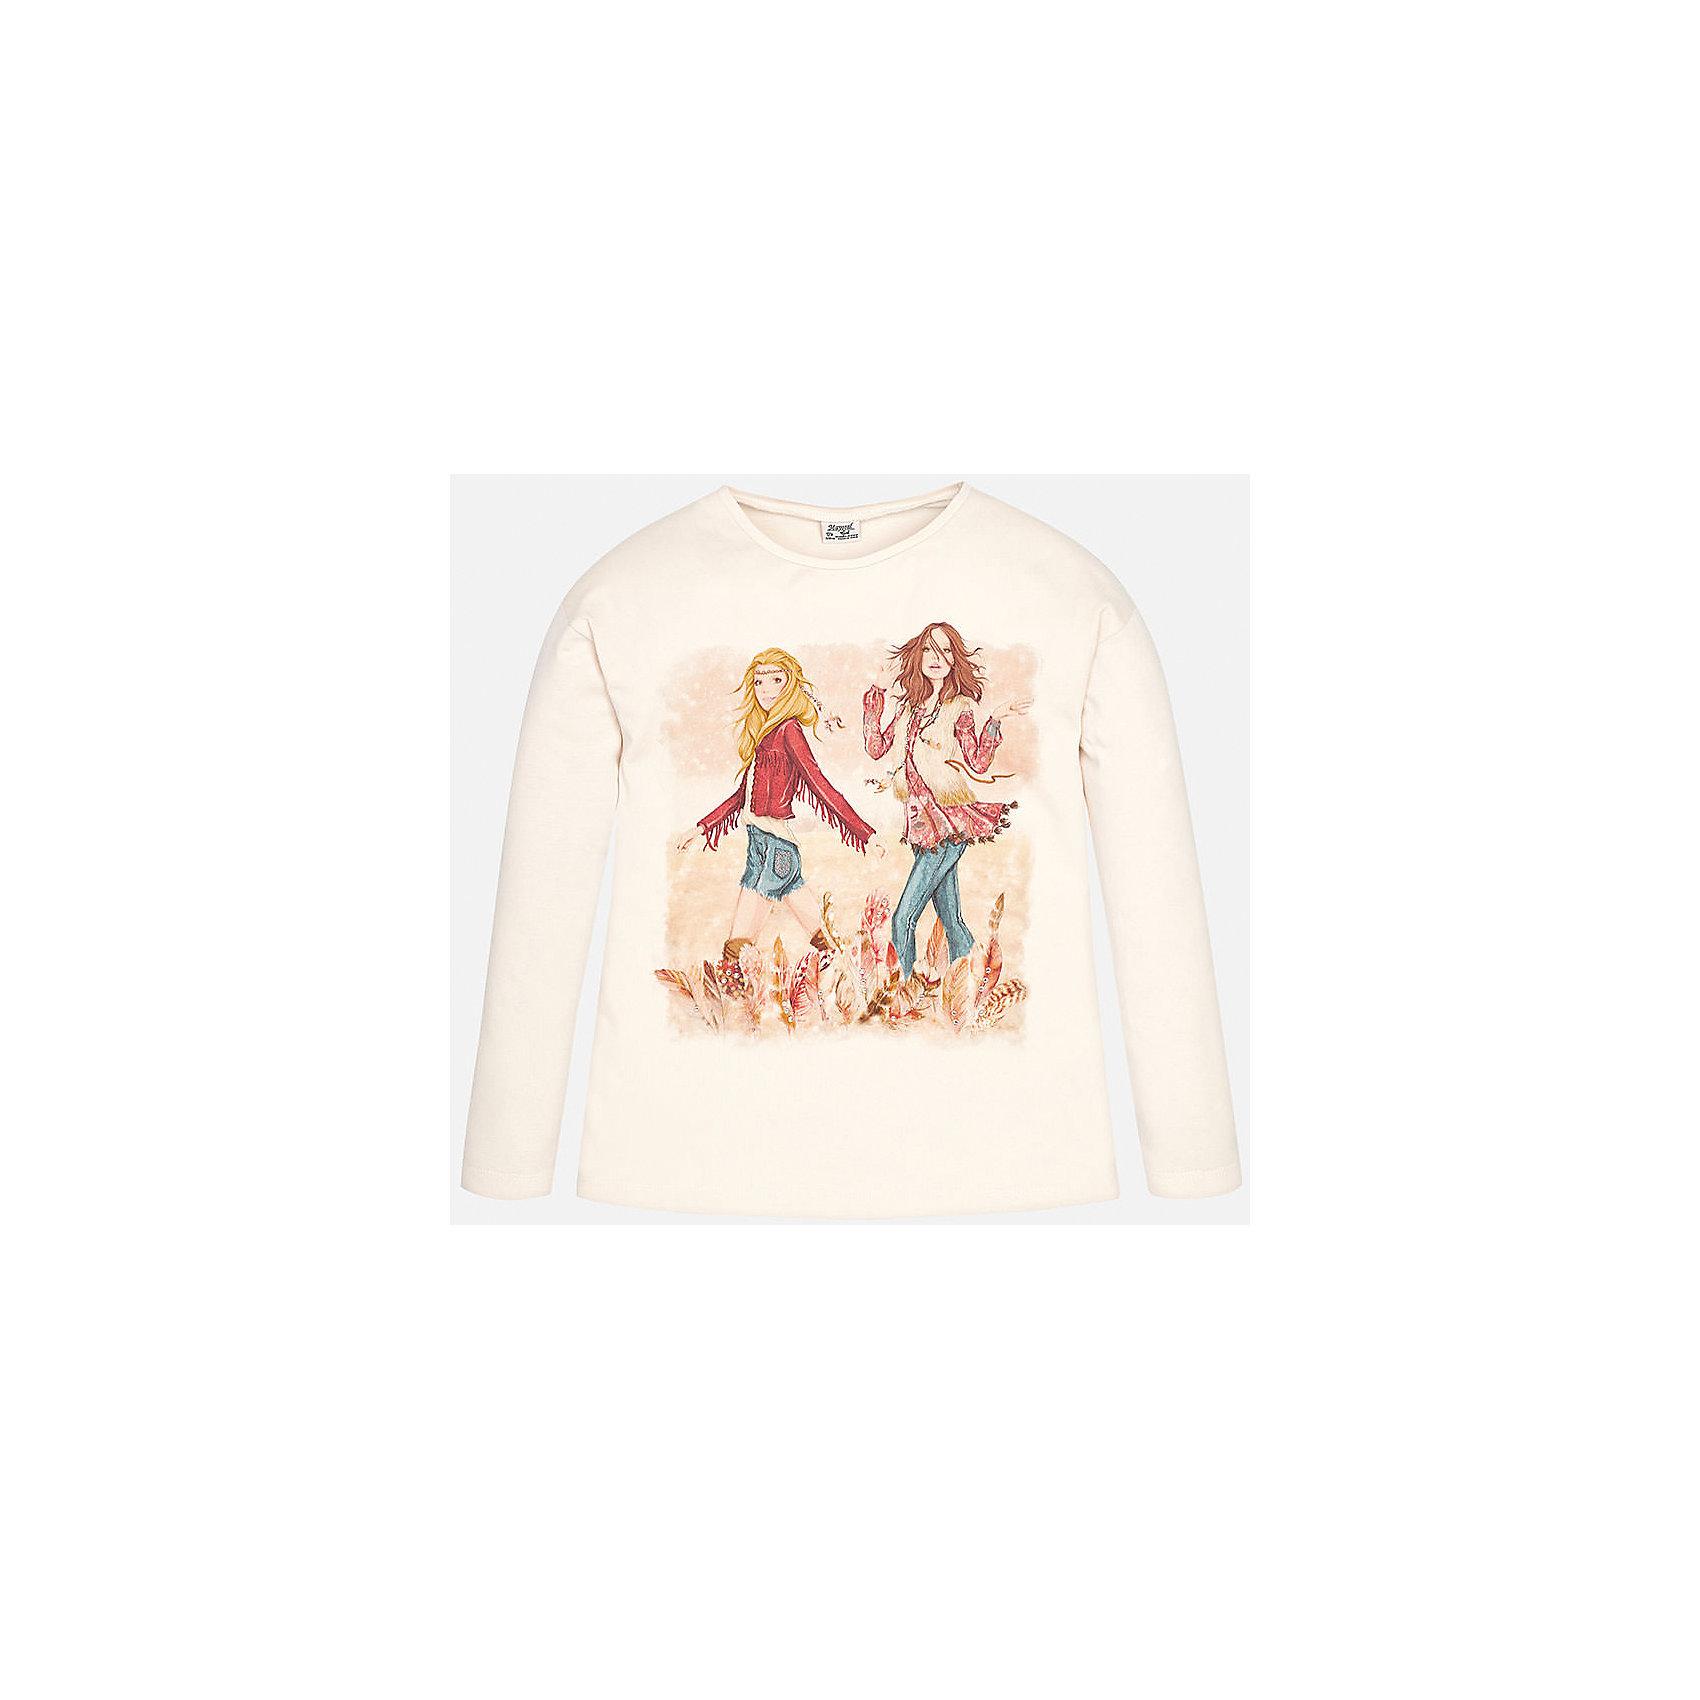 Футболка для девочки MayoralФутболка с длинным рукавом розового цвета торговой марки    Майорал -Mayoral  <br>для девочек. Милая футболка с длинным рукавом, выполненная из хлопка с добавлением эластана, декорирована принтом с изображением двух модниц. Модель дополнит и подчеркнет повседневный образ ребенка.<br><br>Дополнительная информация: <br><br>- цвет: светло- розовый<br>- состав: хлопок 92%,  эластан 8%<br>- фактура материала: текстильный<br>- тип карманов: без карманов<br>- уход за вещами: бережная стирка при 30 градусах<br>- рисунок: с рисунком<br>- назначение: повседневная<br>- сезон: круглогодичный<br>- пол: девочки<br>- страна бренда: Испания<br>- страна производитель: Индия<br>- комплектация: футболка<br><br>Футболку для девочки торговой марки Mayoral можно купить в нашем интернет-магазине.<br><br>Ширина мм: 199<br>Глубина мм: 10<br>Высота мм: 161<br>Вес г: 151<br>Цвет: белый<br>Возраст от месяцев: 156<br>Возраст до месяцев: 168<br>Пол: Женский<br>Возраст: Детский<br>Размер: 158/164,134/140,146/152,152/158,128/134,164/170<br>SKU: 4847068